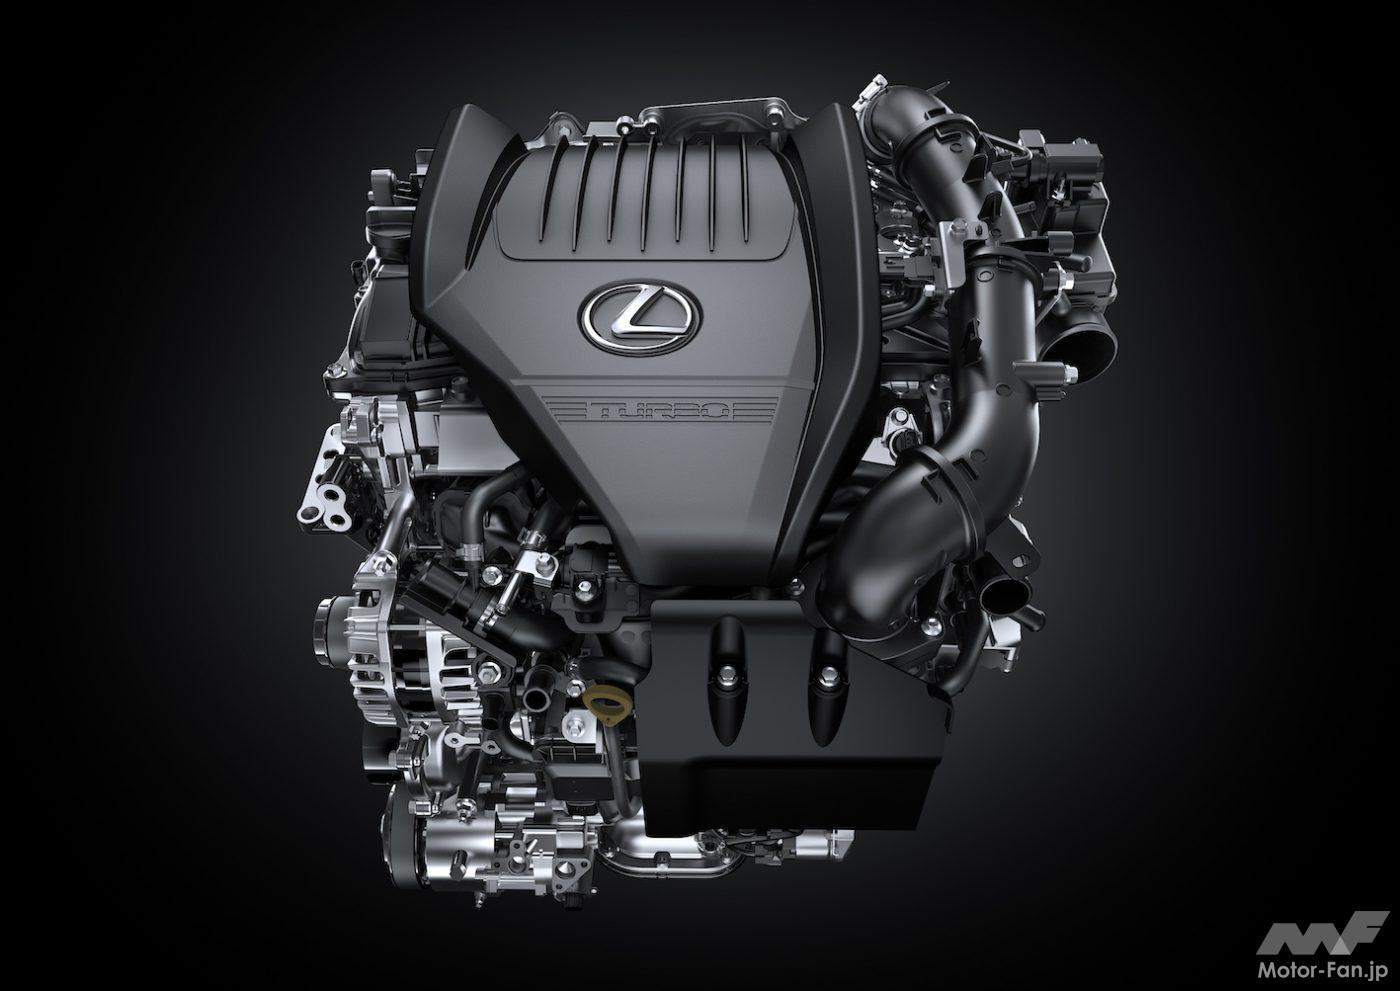 「その名は「T」 新型レクサスNXの新エンジン、2.4ℓ直4DOHC直噴ターボT24A-FTS型とは?」の6枚目の画像